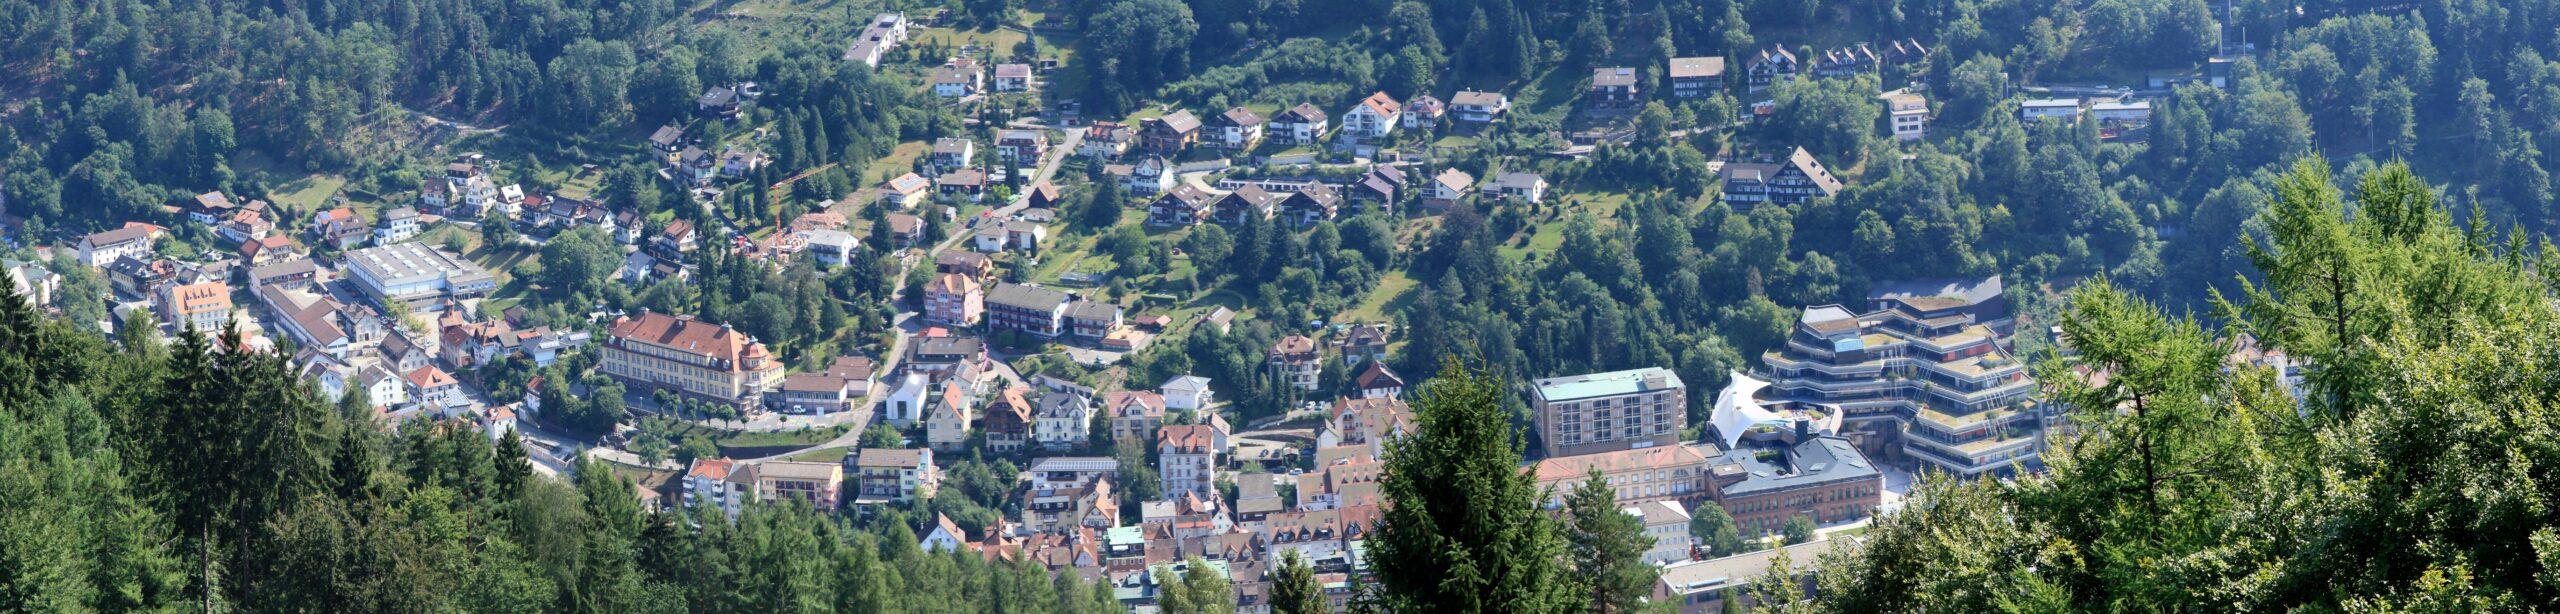 Full Size of Bad Wildbad Hotel Dateibad Sommerberg 06 Iesjpg Reisefhrer Auf Sulza Birnbach Gutschein Ems Hotels Tölz Langensalza Kreuznach Breaking Alle Staffeln In Bad Bad Wildbad Hotel